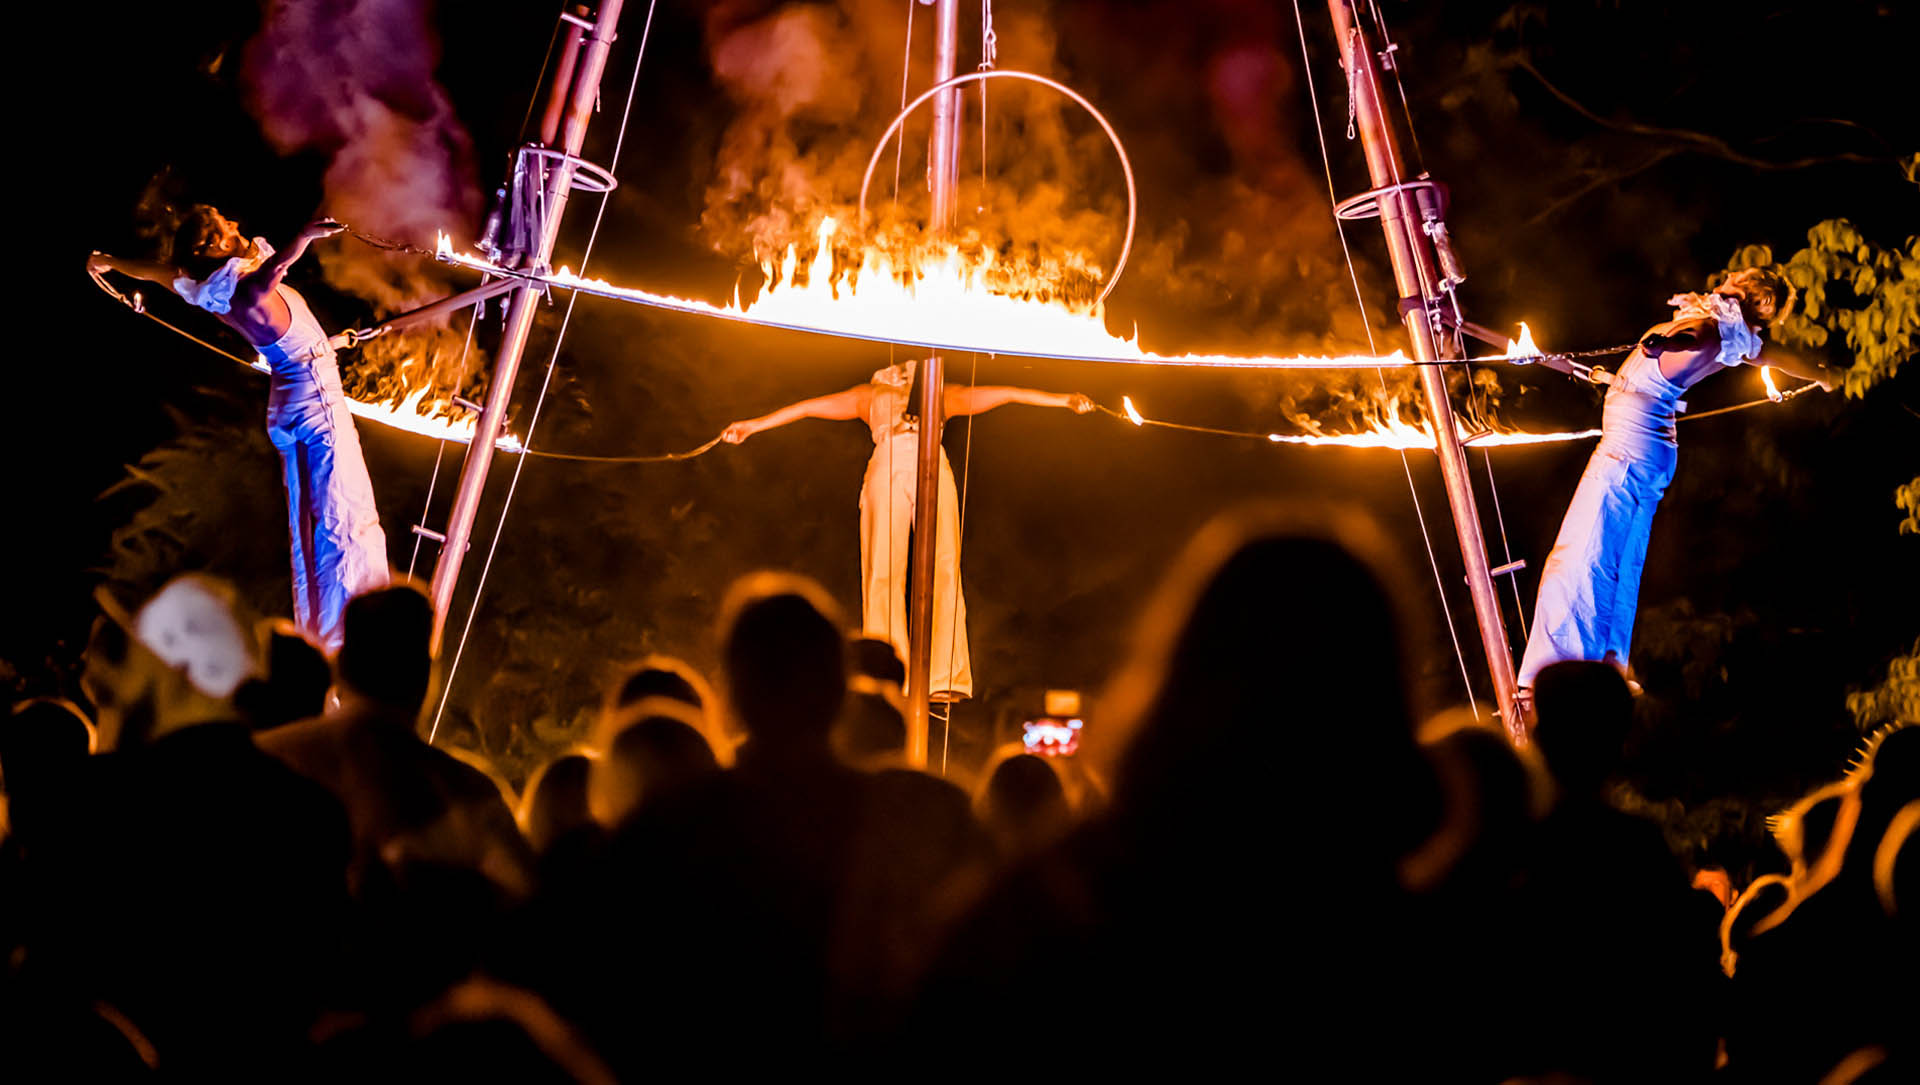 Feuershow bei der Botanischen Nacht bei Nacht.